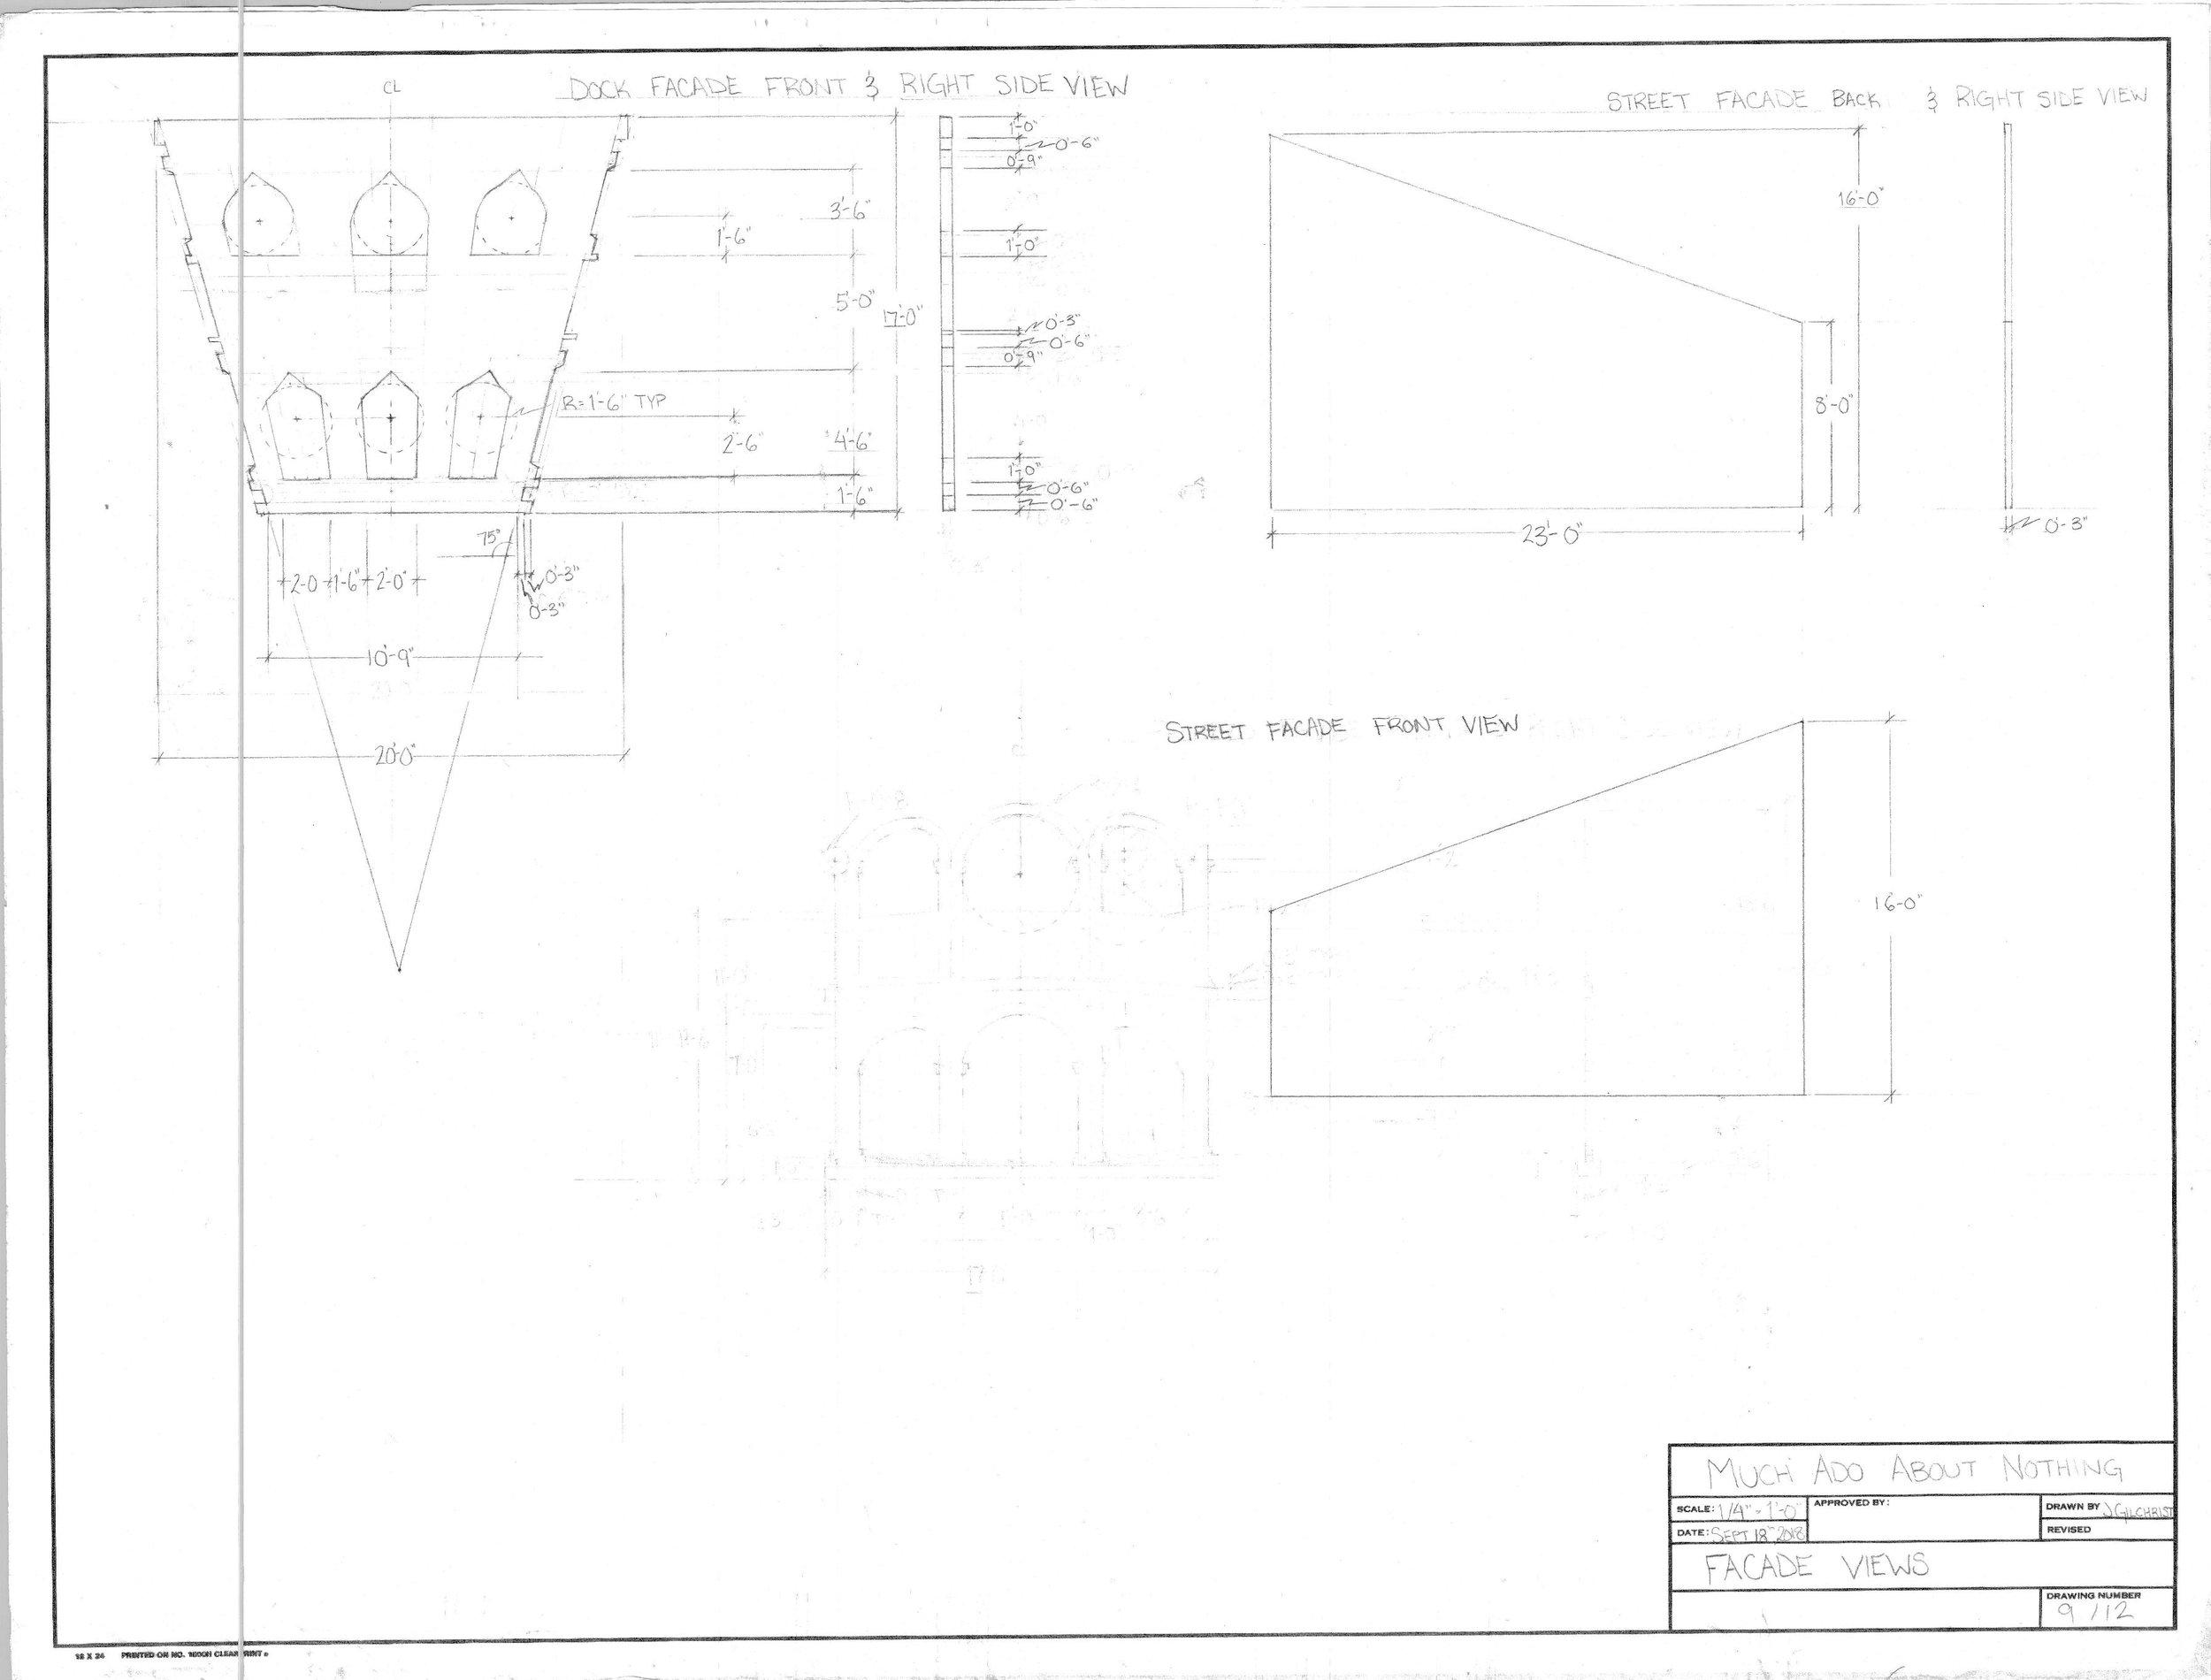 09 Facade Views-page-001.jpg